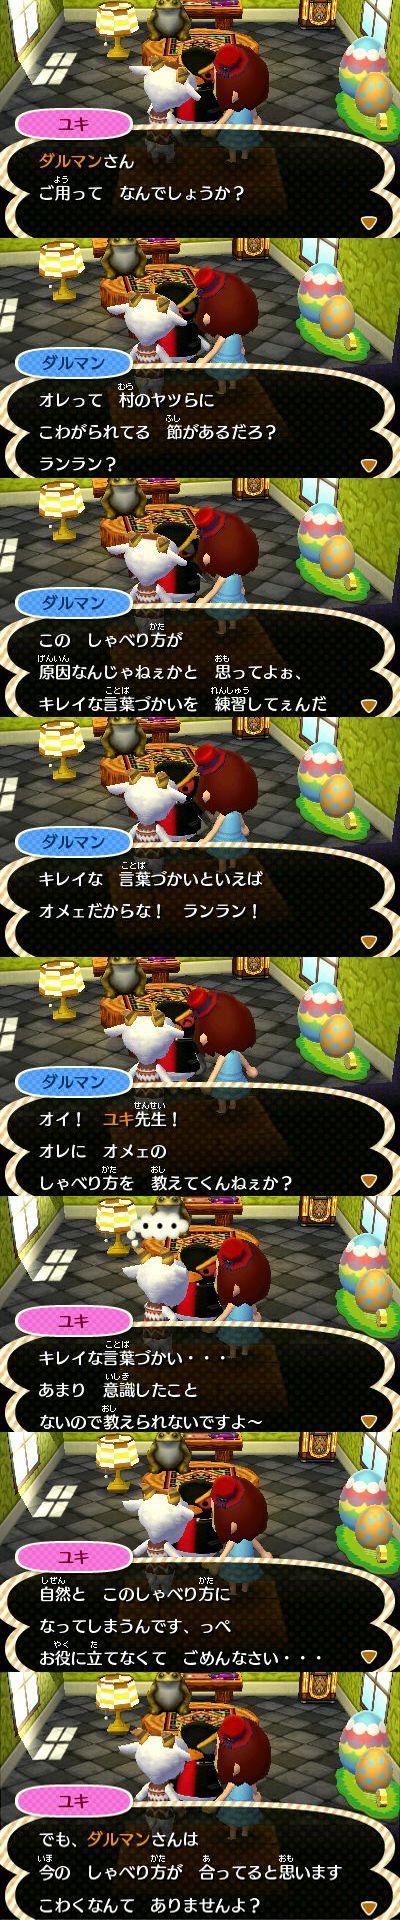 yukichan_yobidashi3.jpg